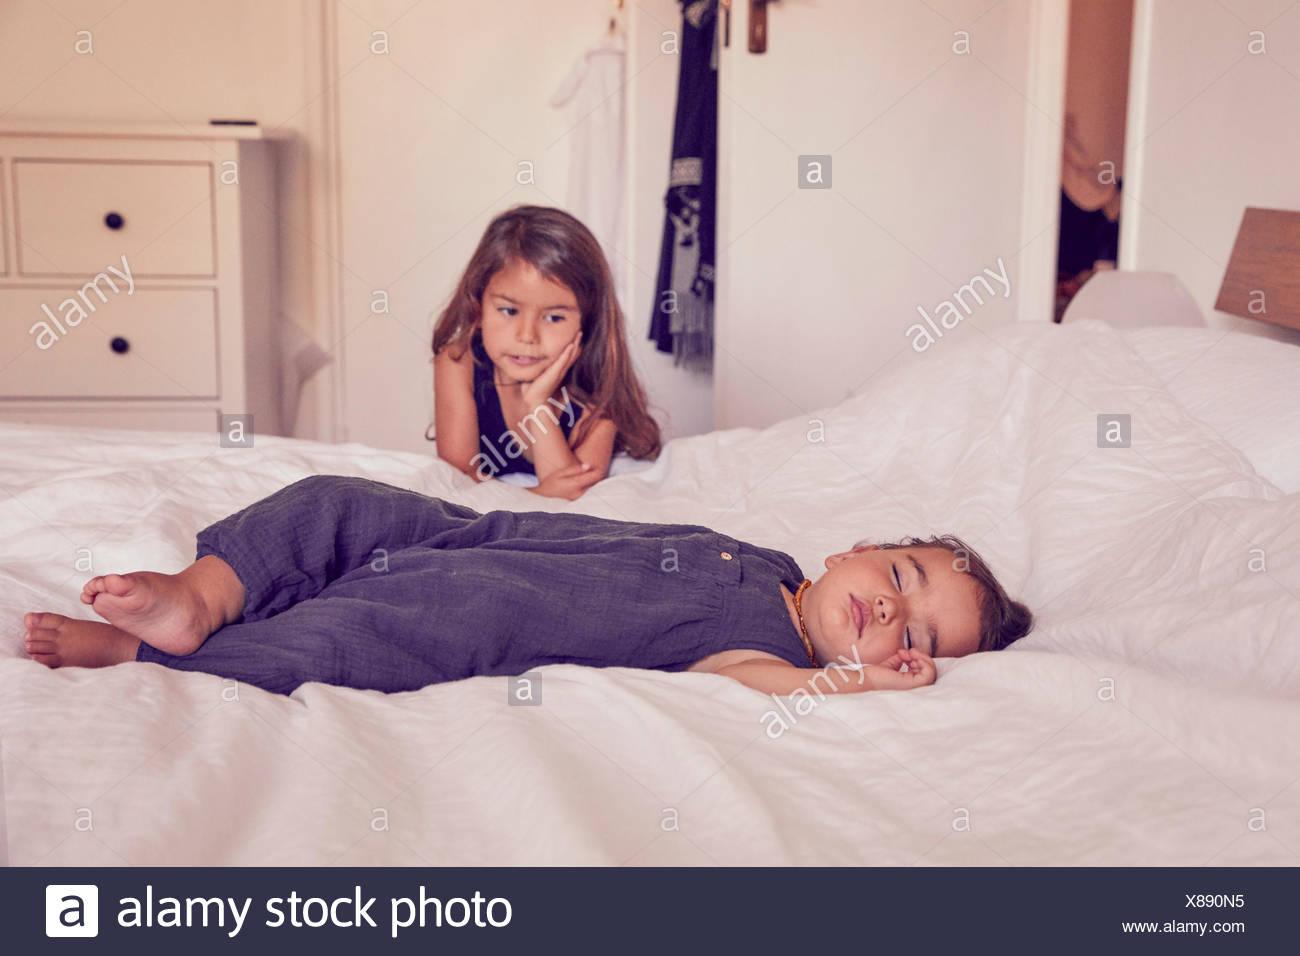 Female toddler, dormir sur un lit, grande sœur la regarder dormir Photo Stock